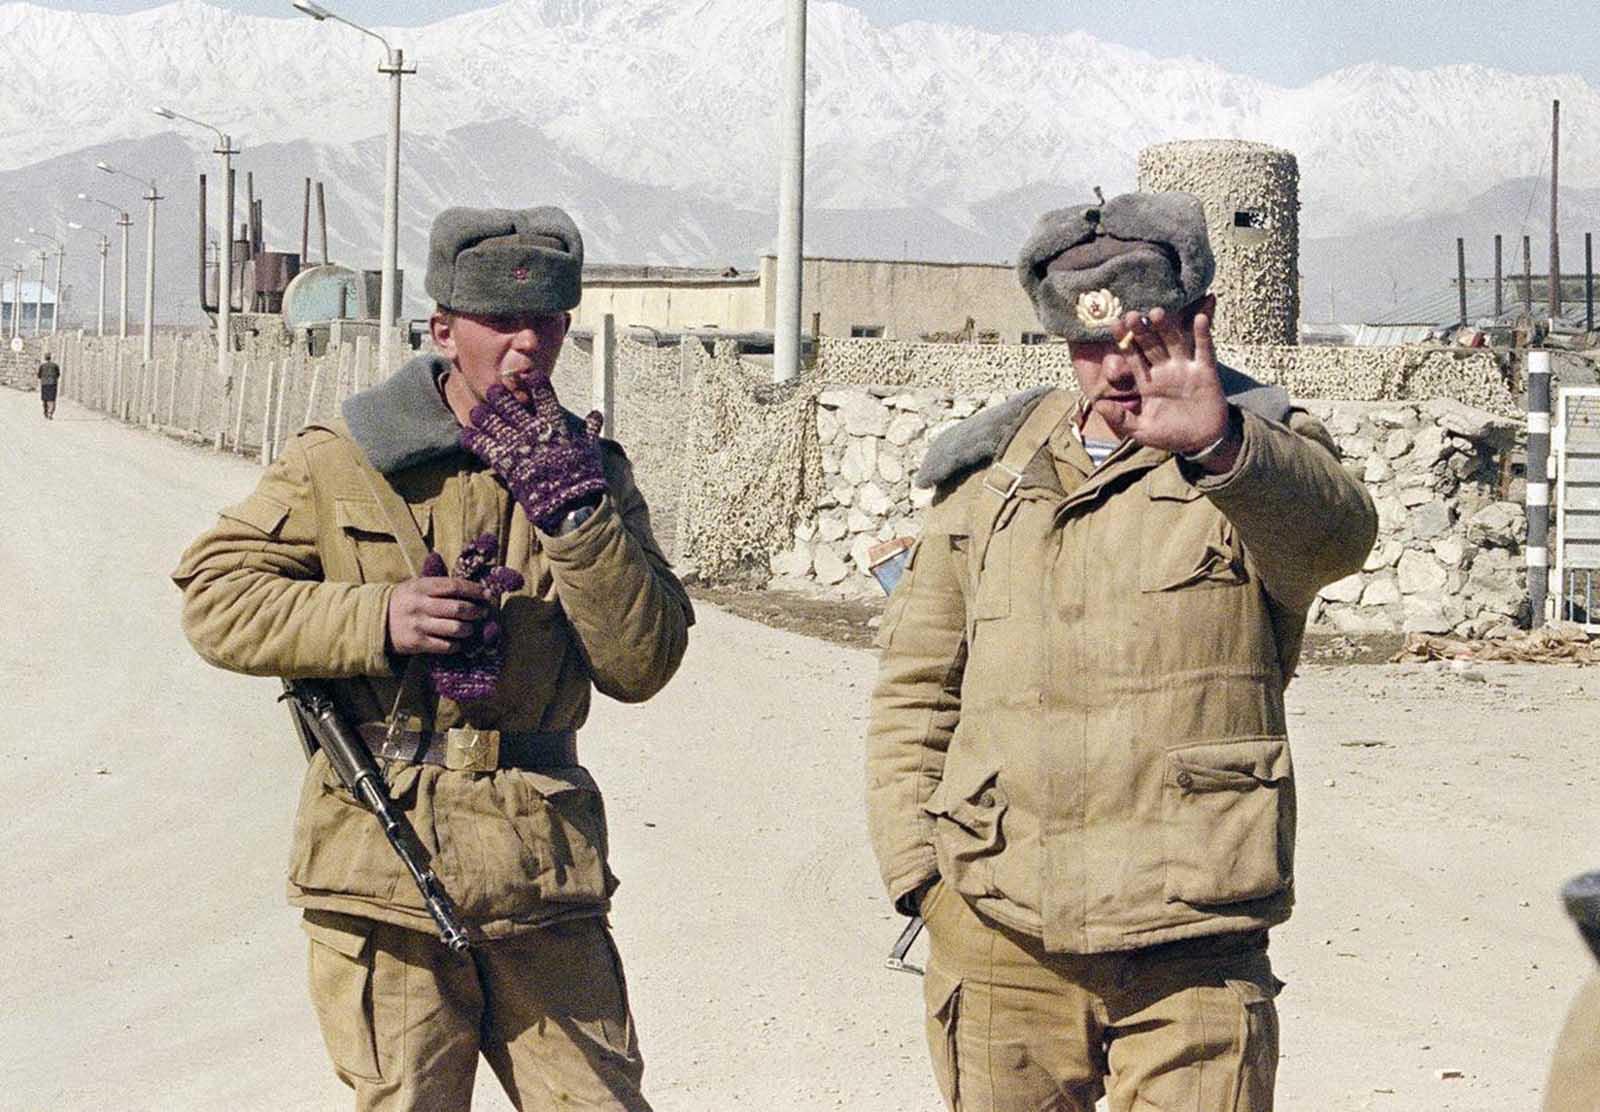 soldats soviétiques Soviet_war_in_afghanistan_in_pictures-31-jpg